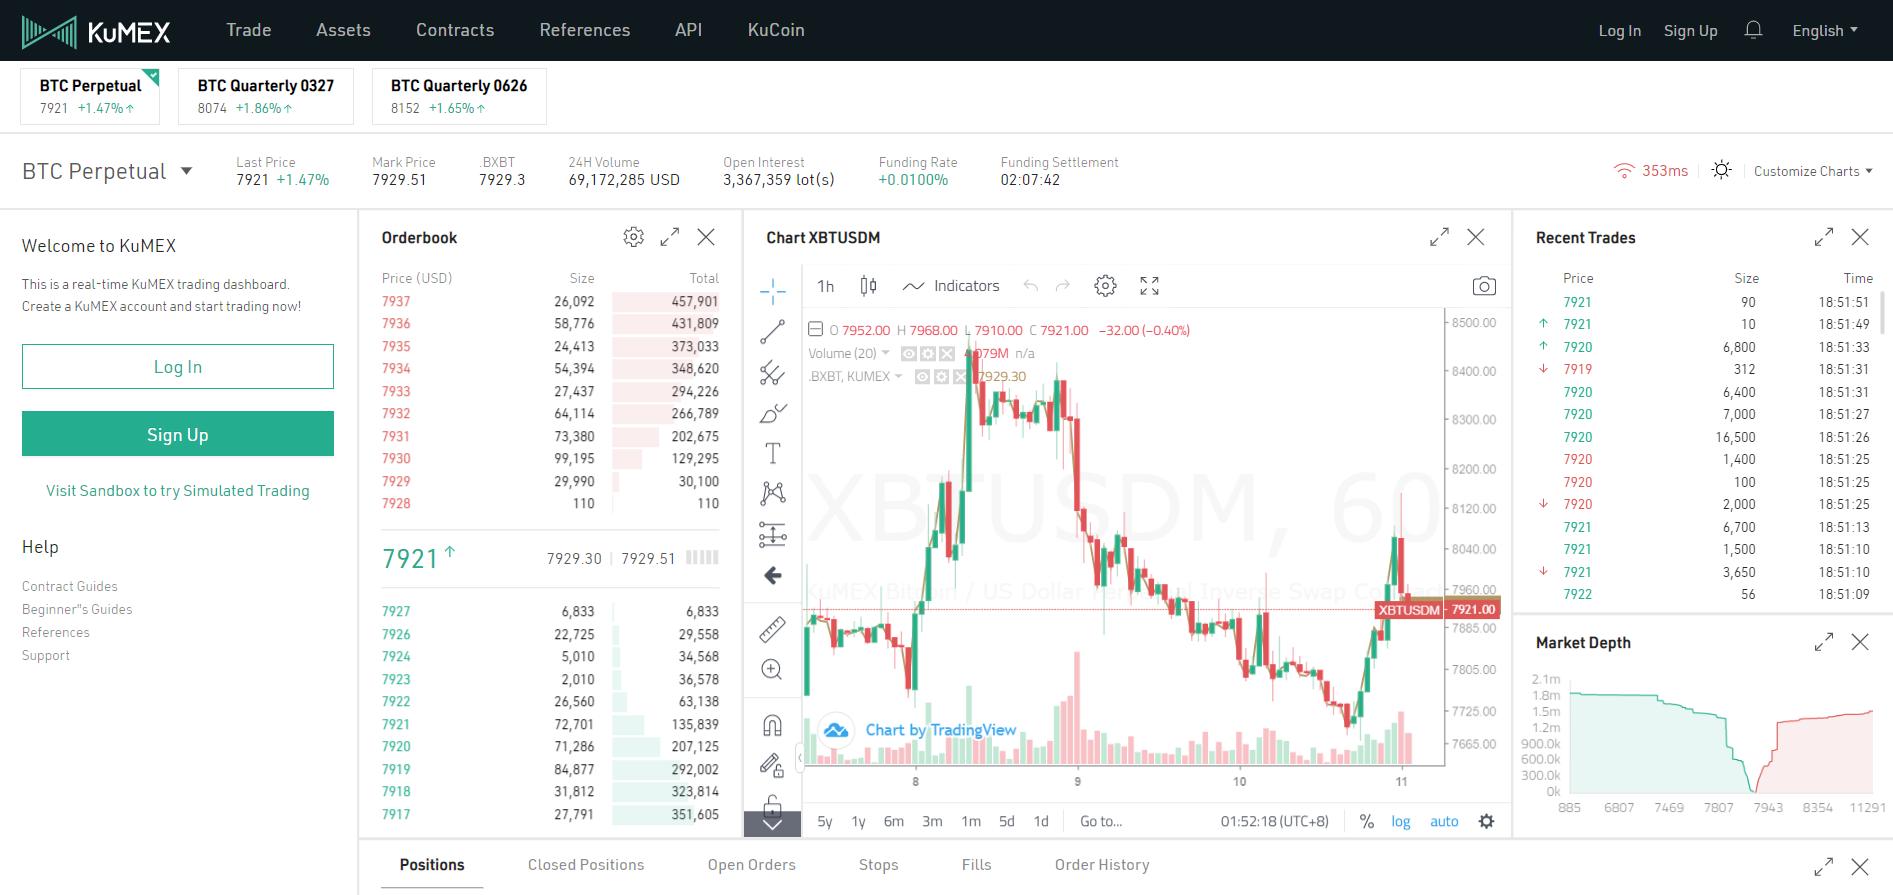 KuMEX Trading View